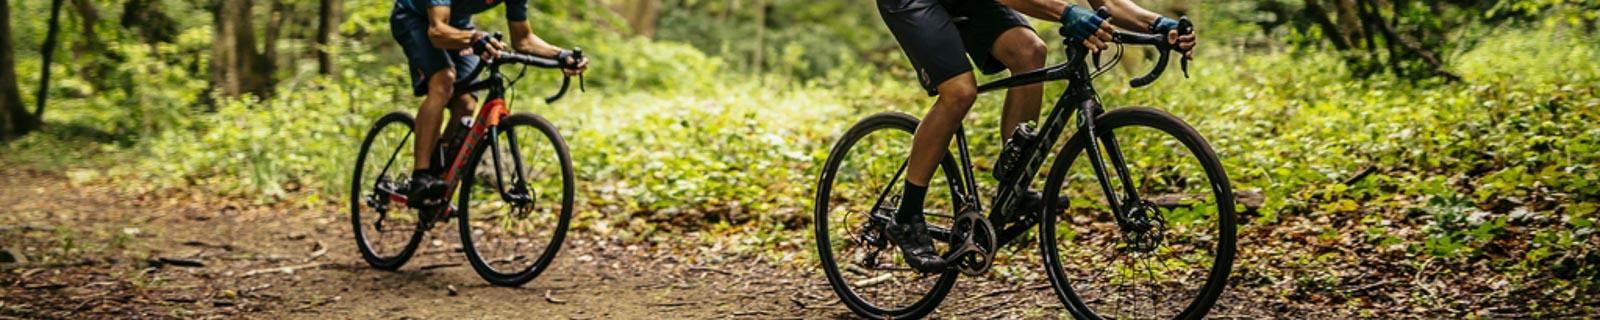 Ciclocross-Bici  - l'alternativa per la stagione umida e fredda